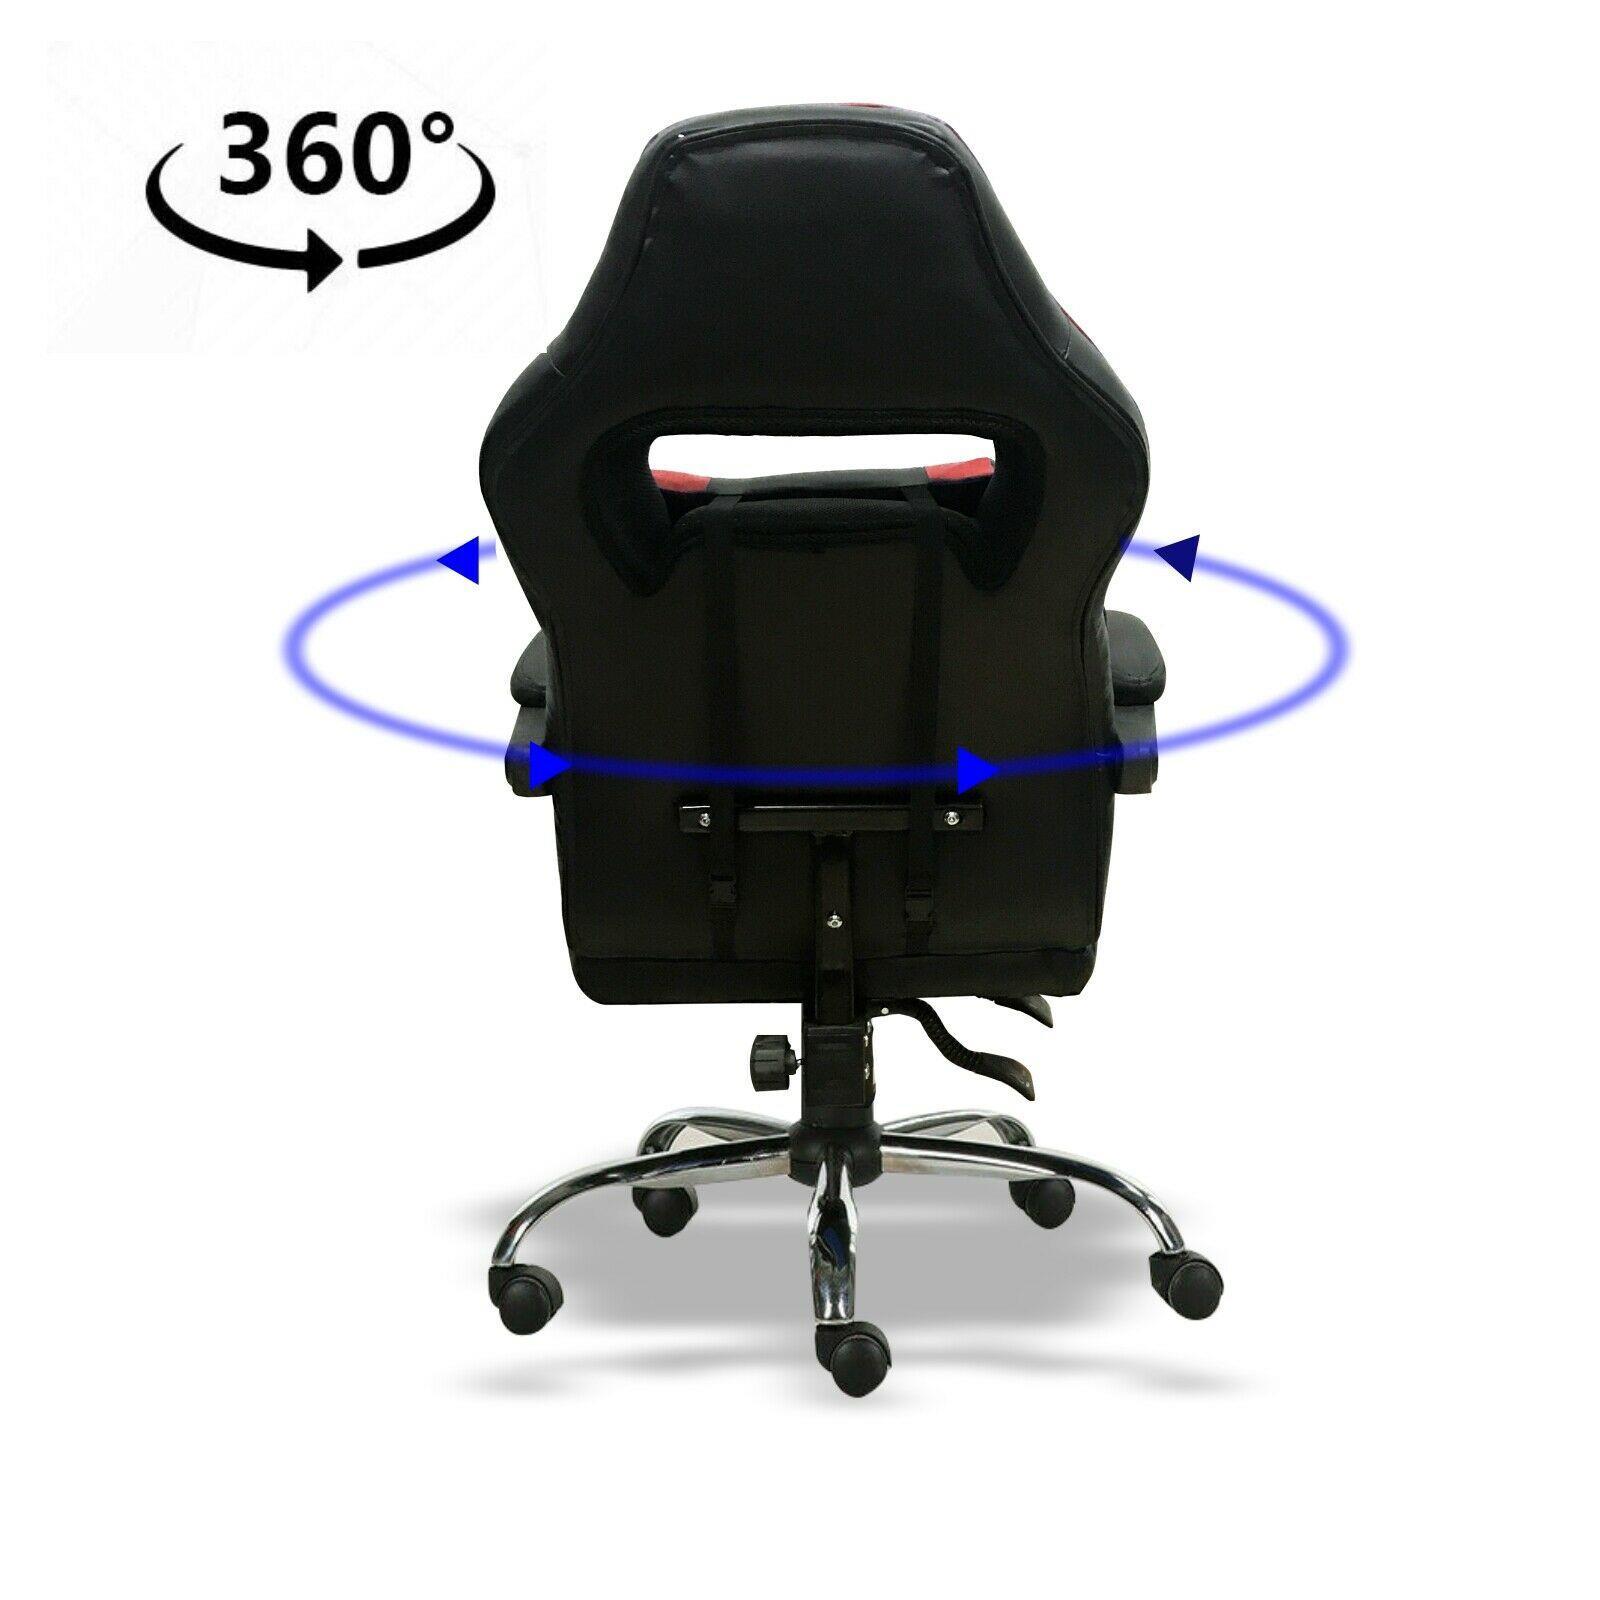 Silla-para-juegos-con-reclinable-silla-de-oficina-de-Carreras-Reposapies-Computadora-Escritorio miniatura 20